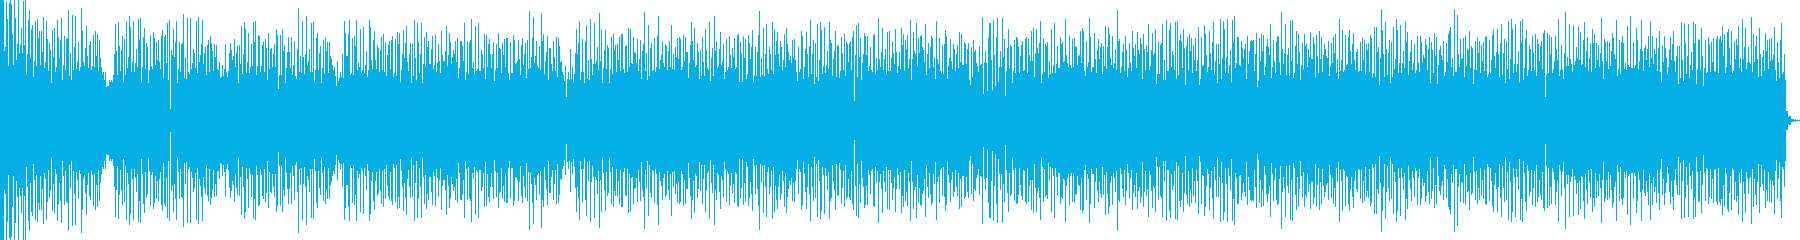 Nu Jazz トラックの再生済みの波形